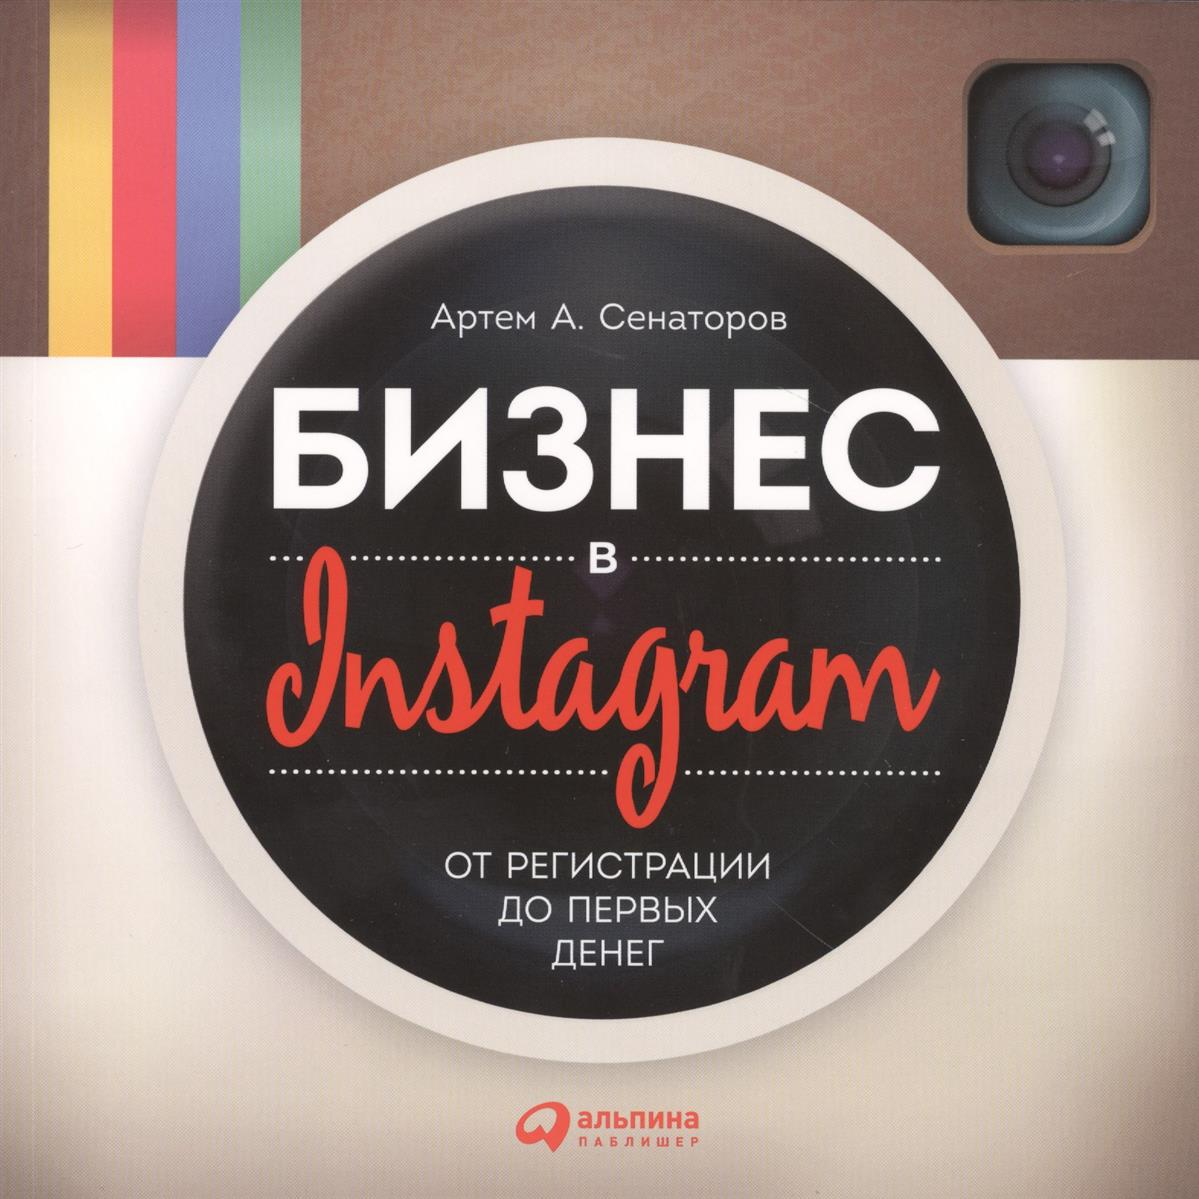 Сенаторов А. Бизнес в Instagram: От регистрации до первых денег яна уайт создать бизнес от идеи до регистрации isbn 9785448371677